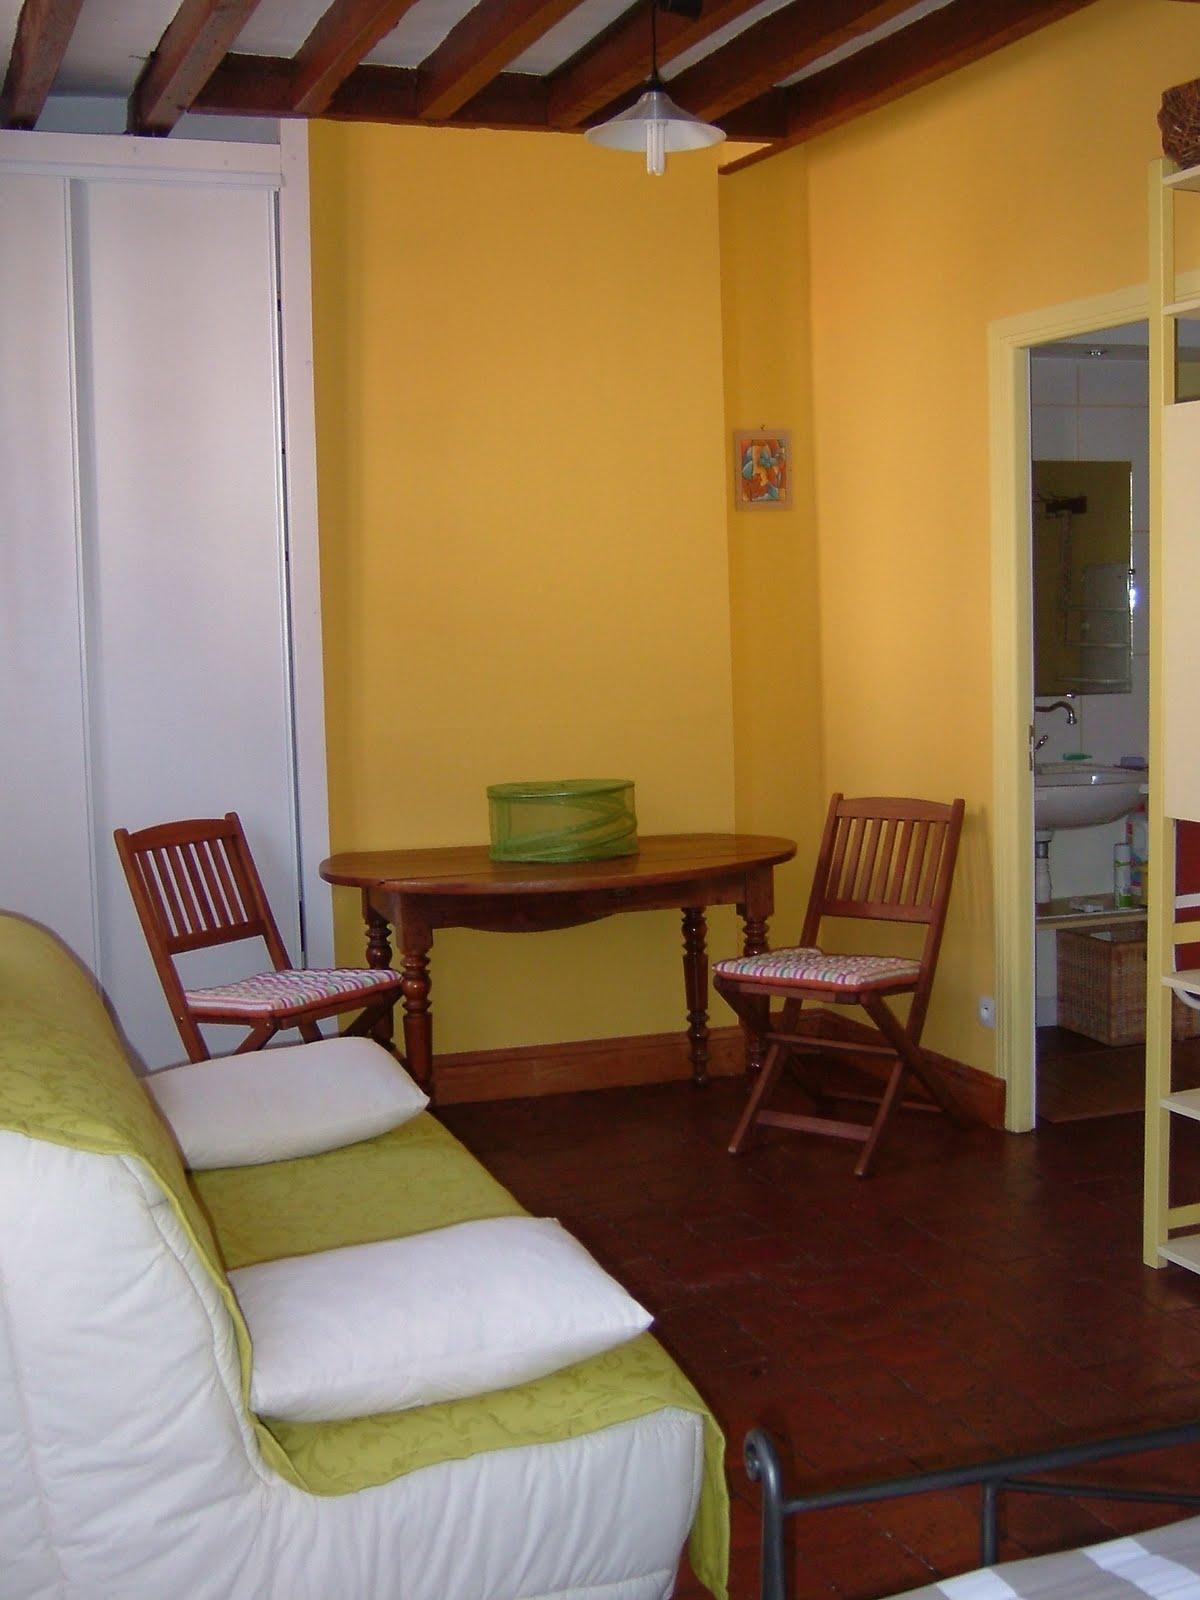 chambre d 39 h tes bourgogne la chambre du bas. Black Bedroom Furniture Sets. Home Design Ideas